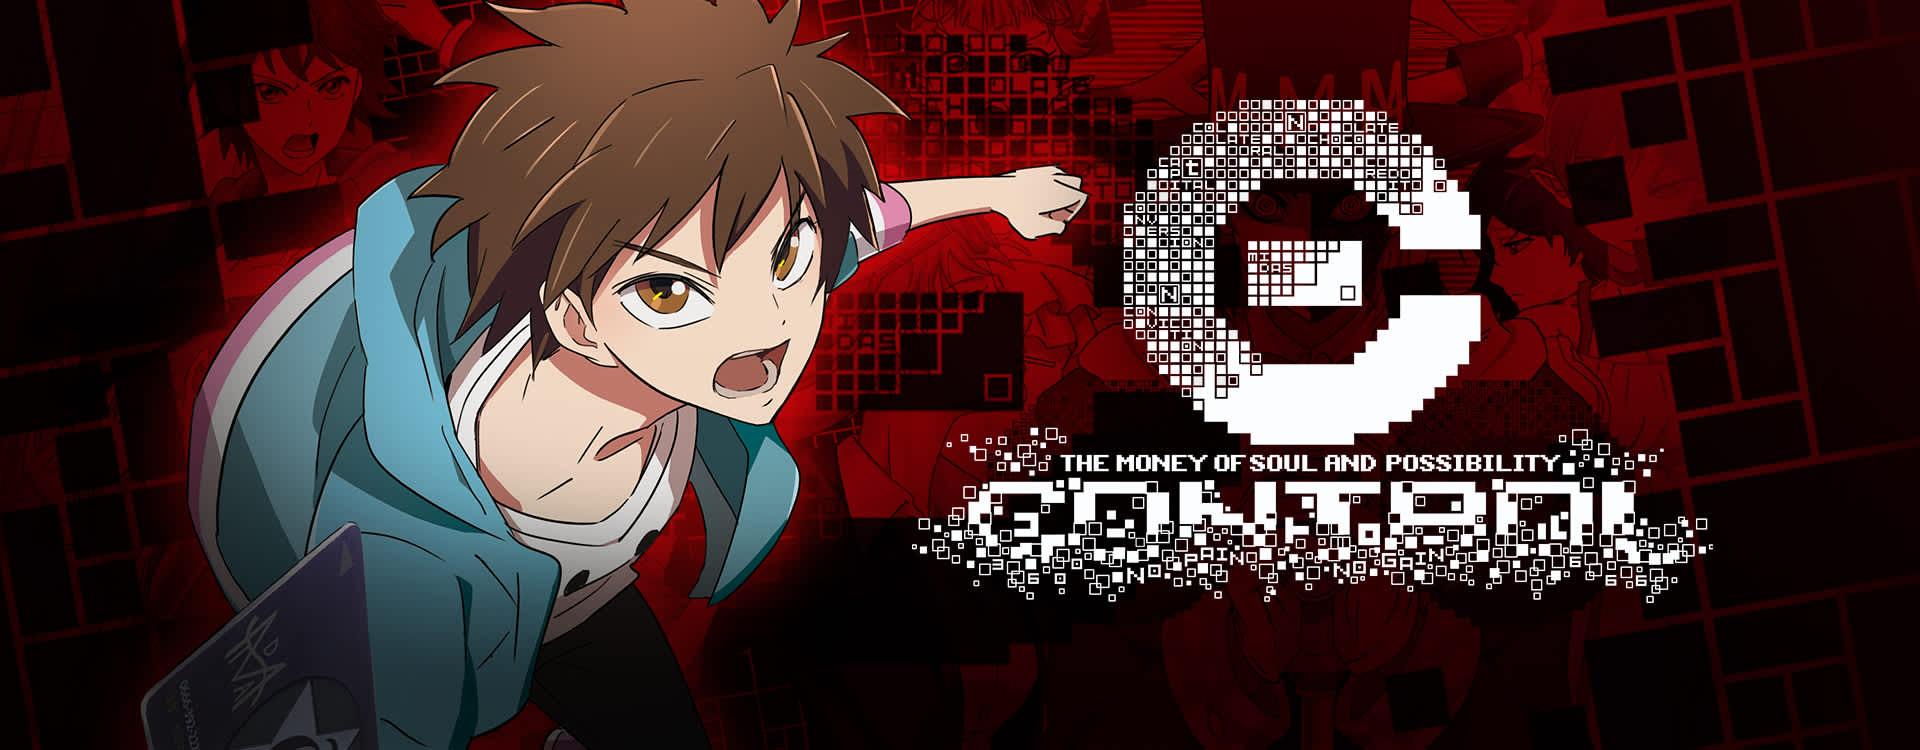 C control episodes